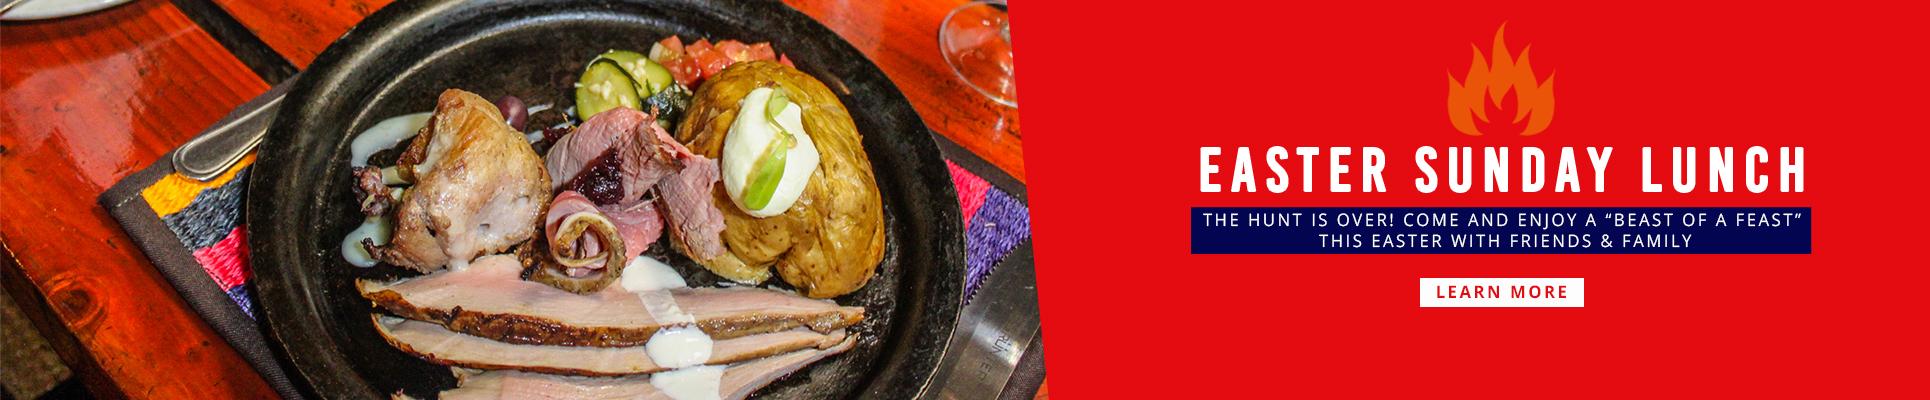 Carnivore Restaurant Easter Sunday Lunch in Muldersdrift Gauteng